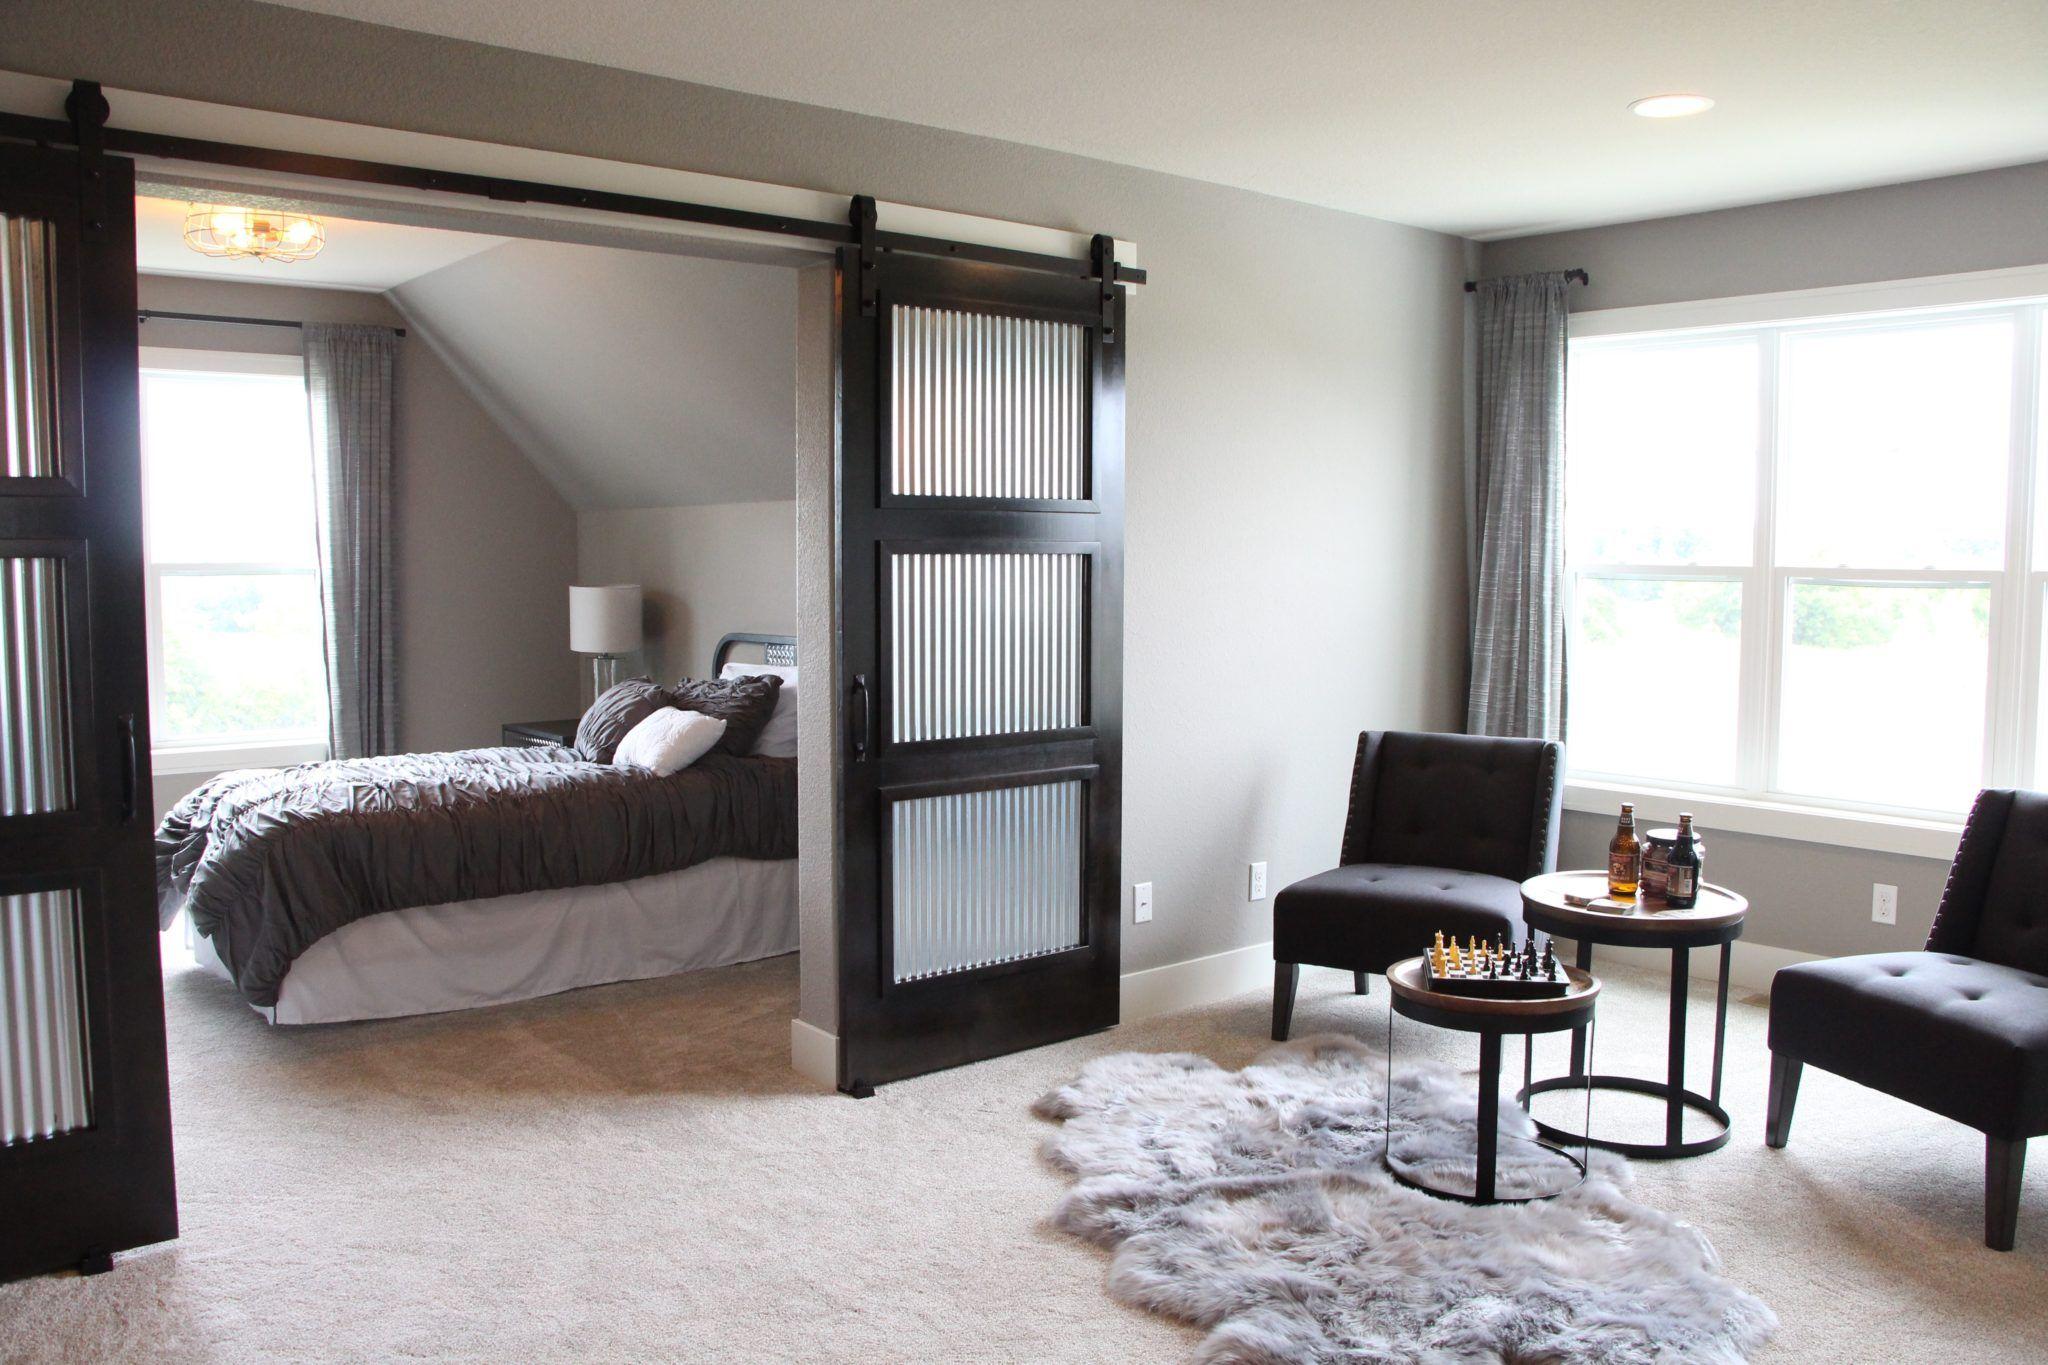 The Dakota Model homes, Home, New homes for sale